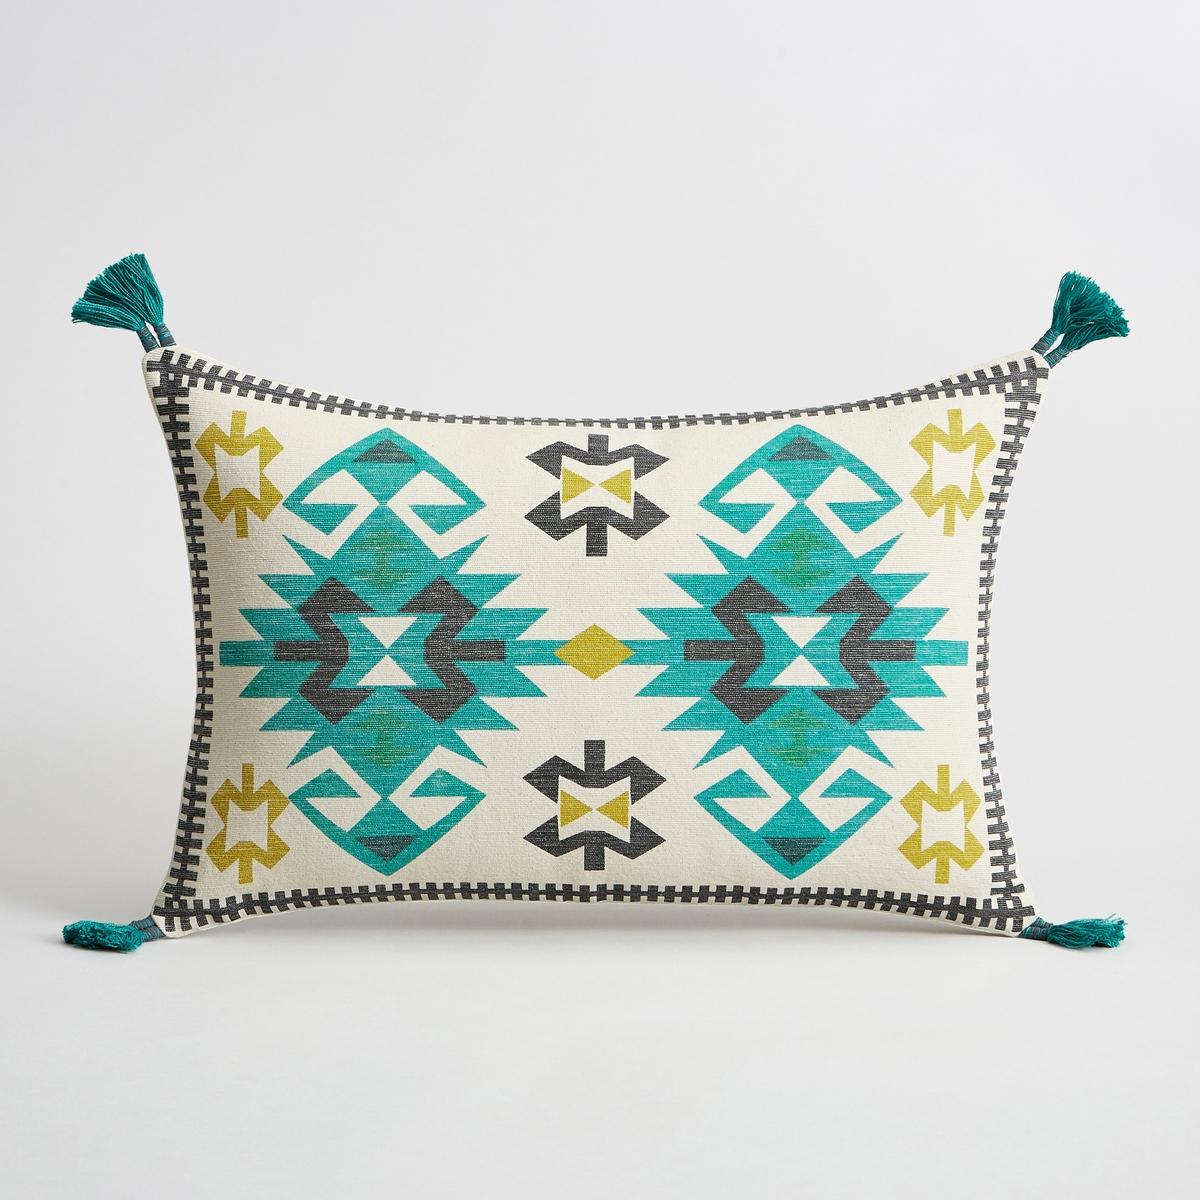 Наволочка на подушку-валик зеленого цвета BoissonieНаволочка на подушку-валик Boissonie. Рисунок в виде восточного ковра на лицевой стороне, однотонная оборотная сторона. 100% хлопок. Скрытая застежка на молнию. Размеры : 40 x 60 см.<br><br>Цвет: зеленый<br>Размер: 60 x 40  см